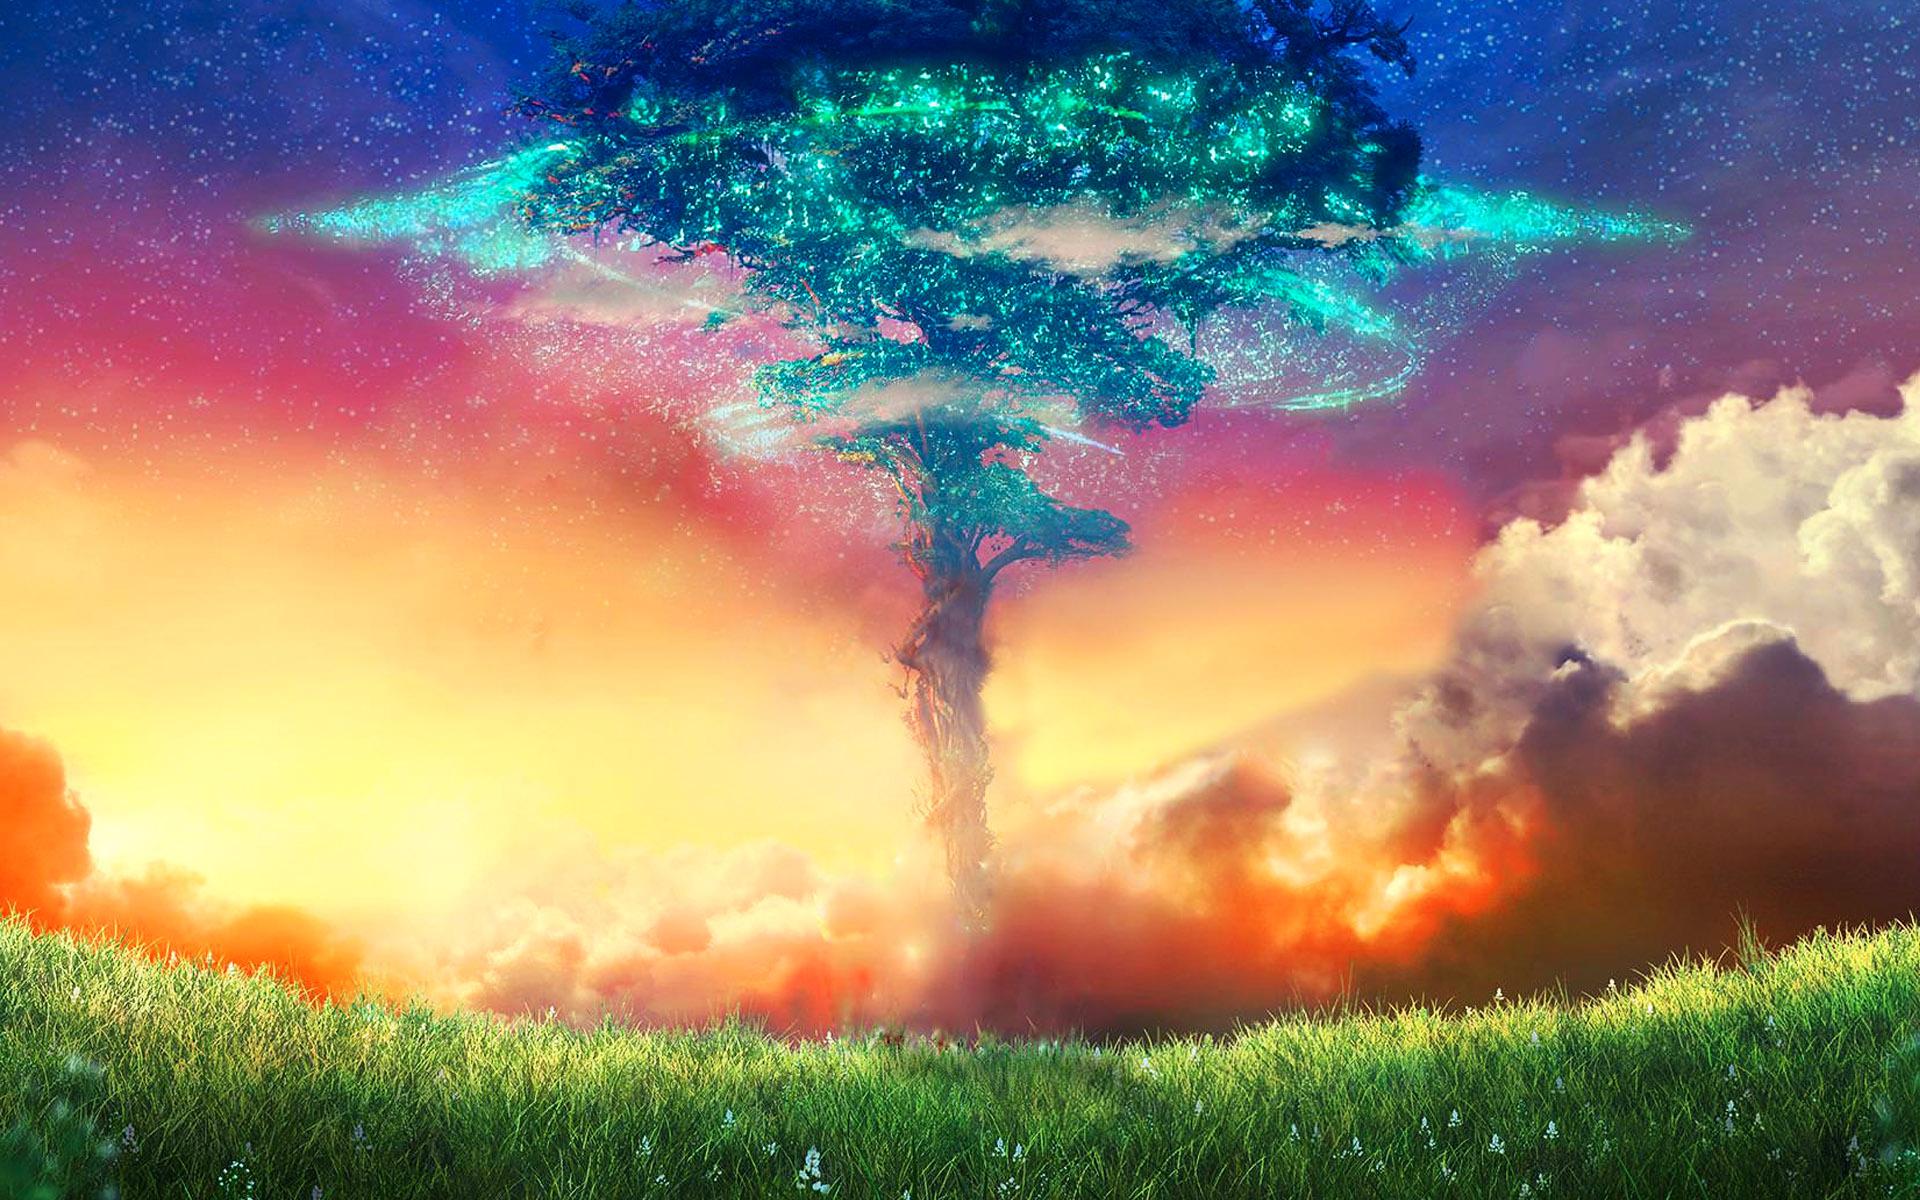 Xenoblade Chronicles 2 Scenic Desktop Wallpaper Collection